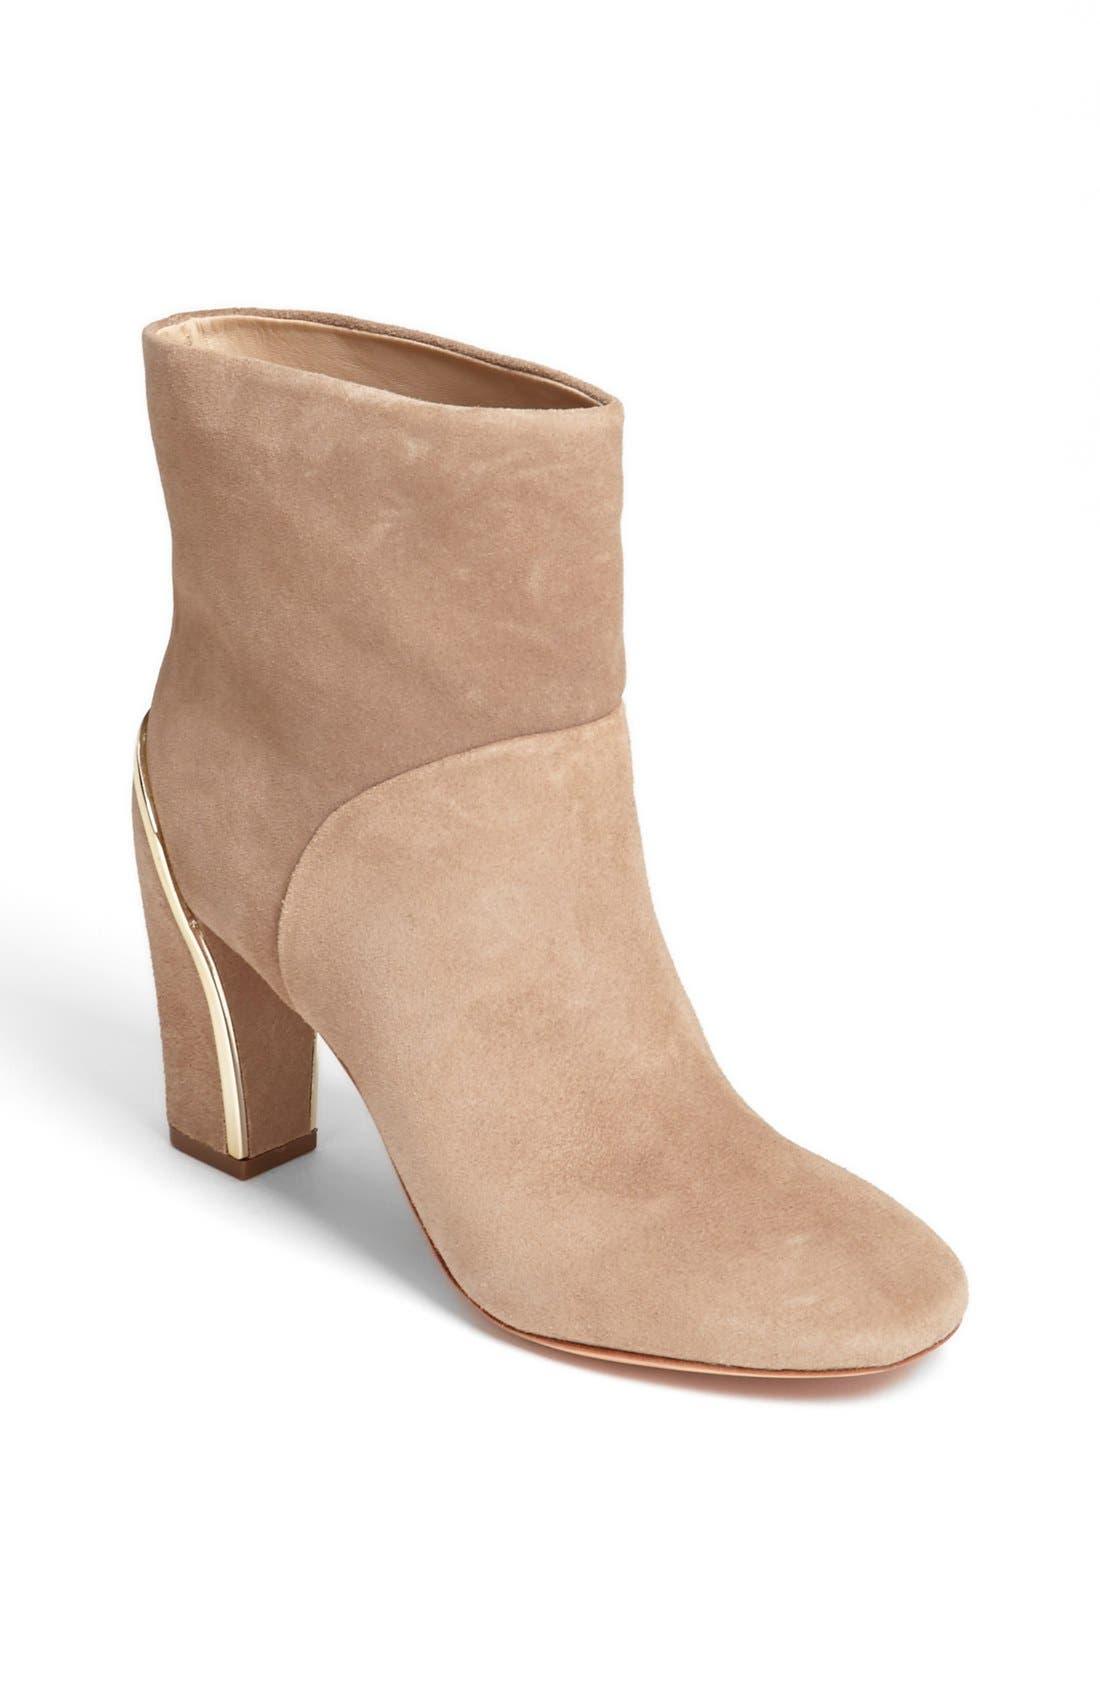 Main Image - Diane von Furstenberg 'Glenda' Boot (Online Only)